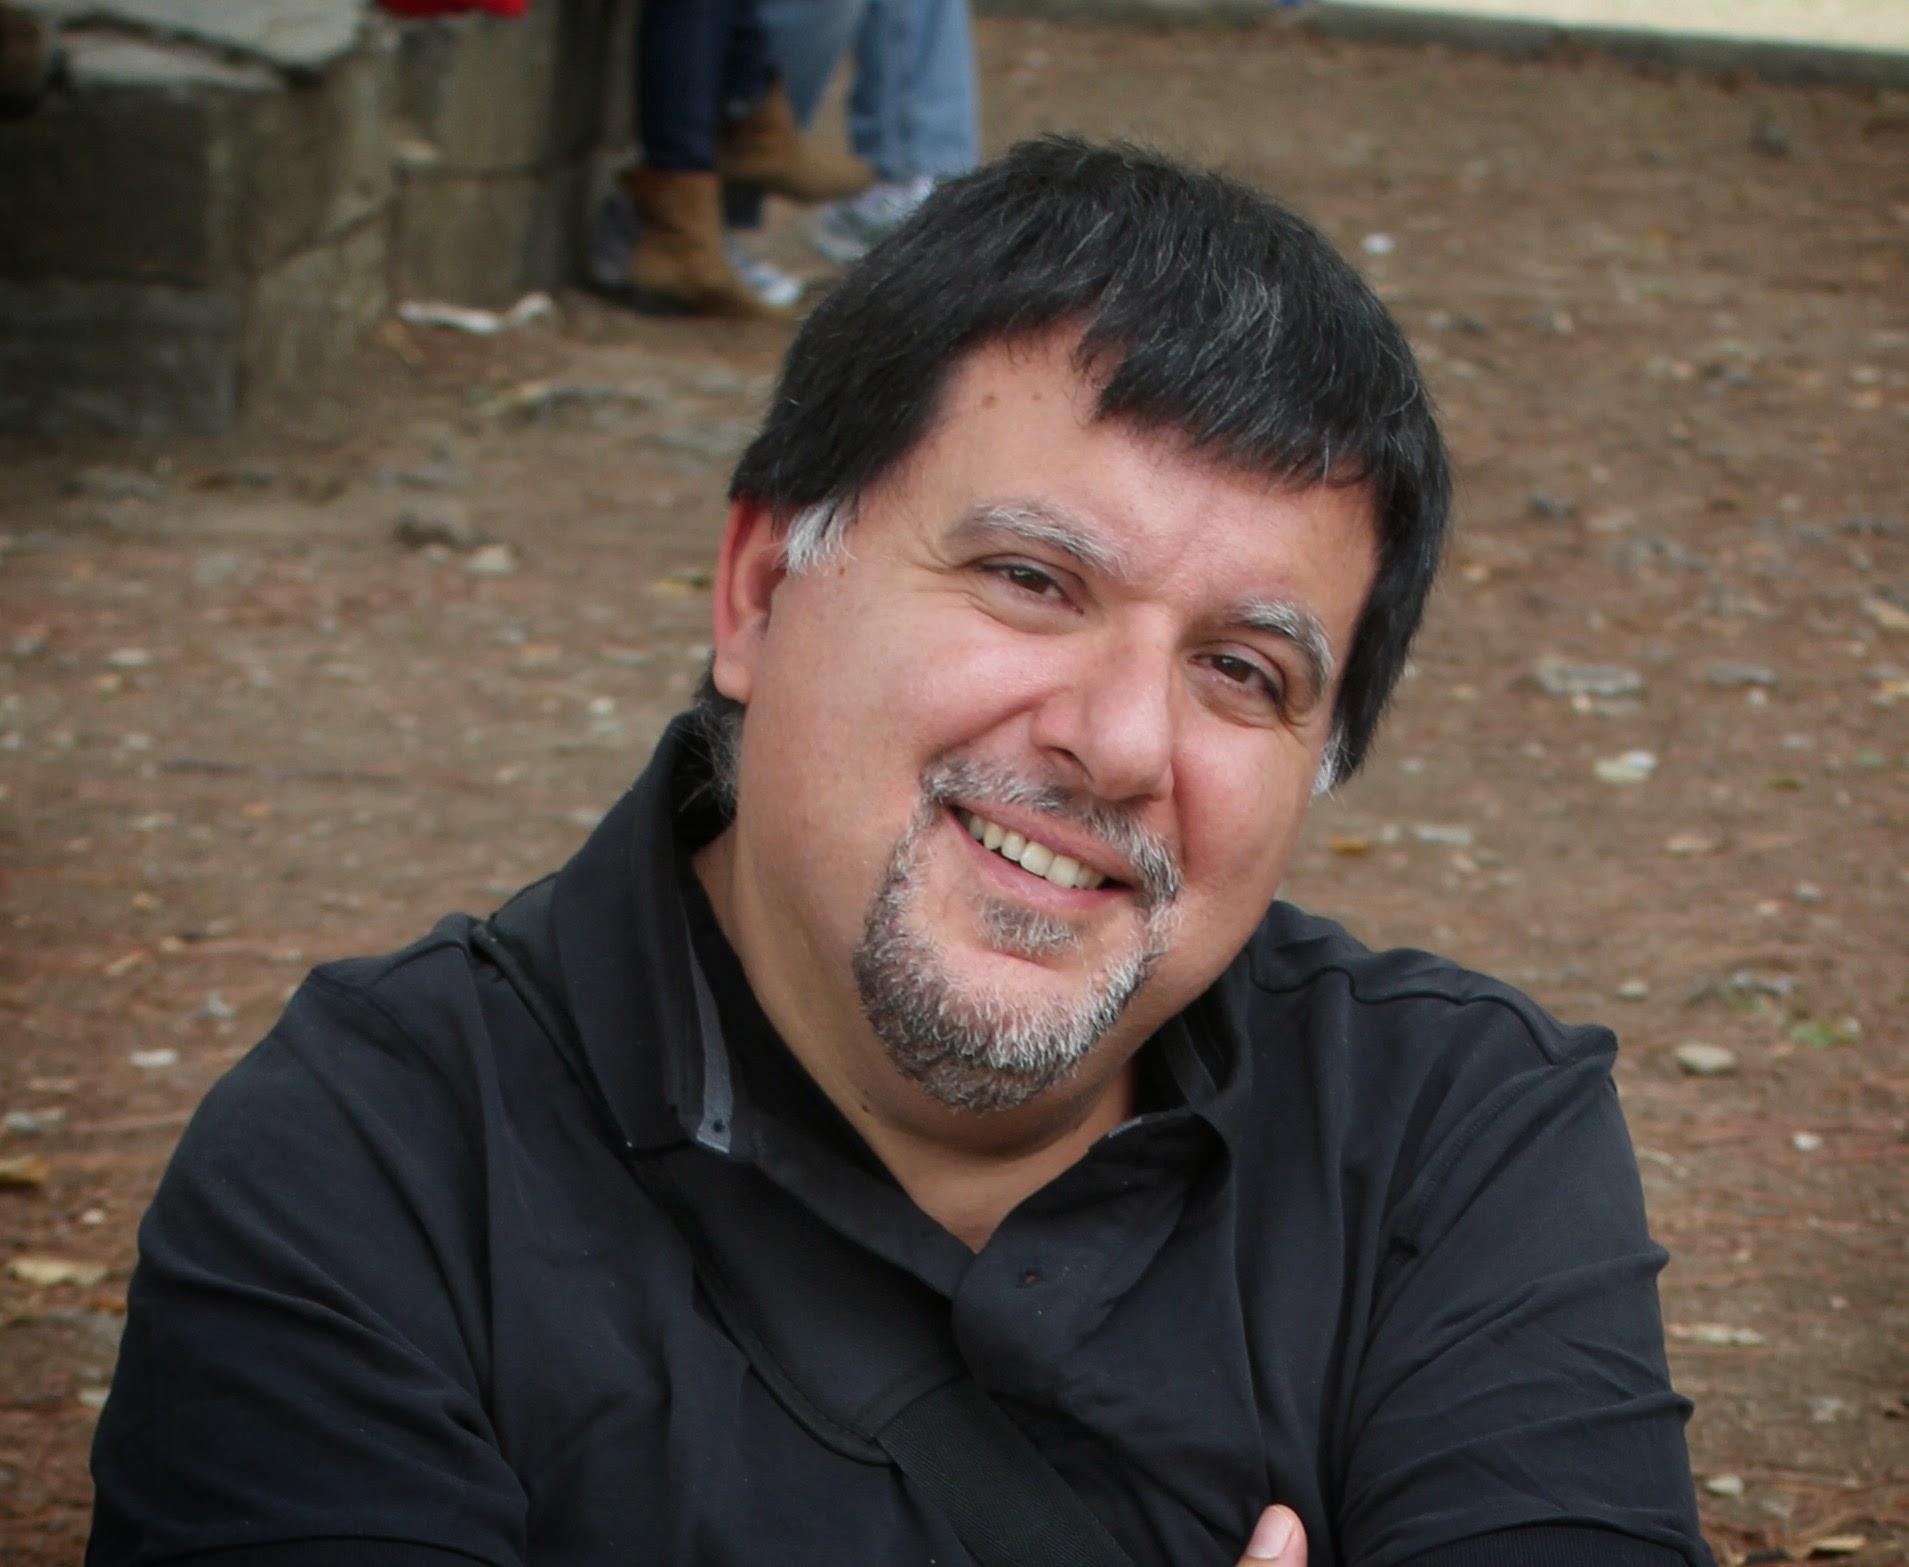 119-Federico-DeglInnocenti---Scandicci-FI.jpg